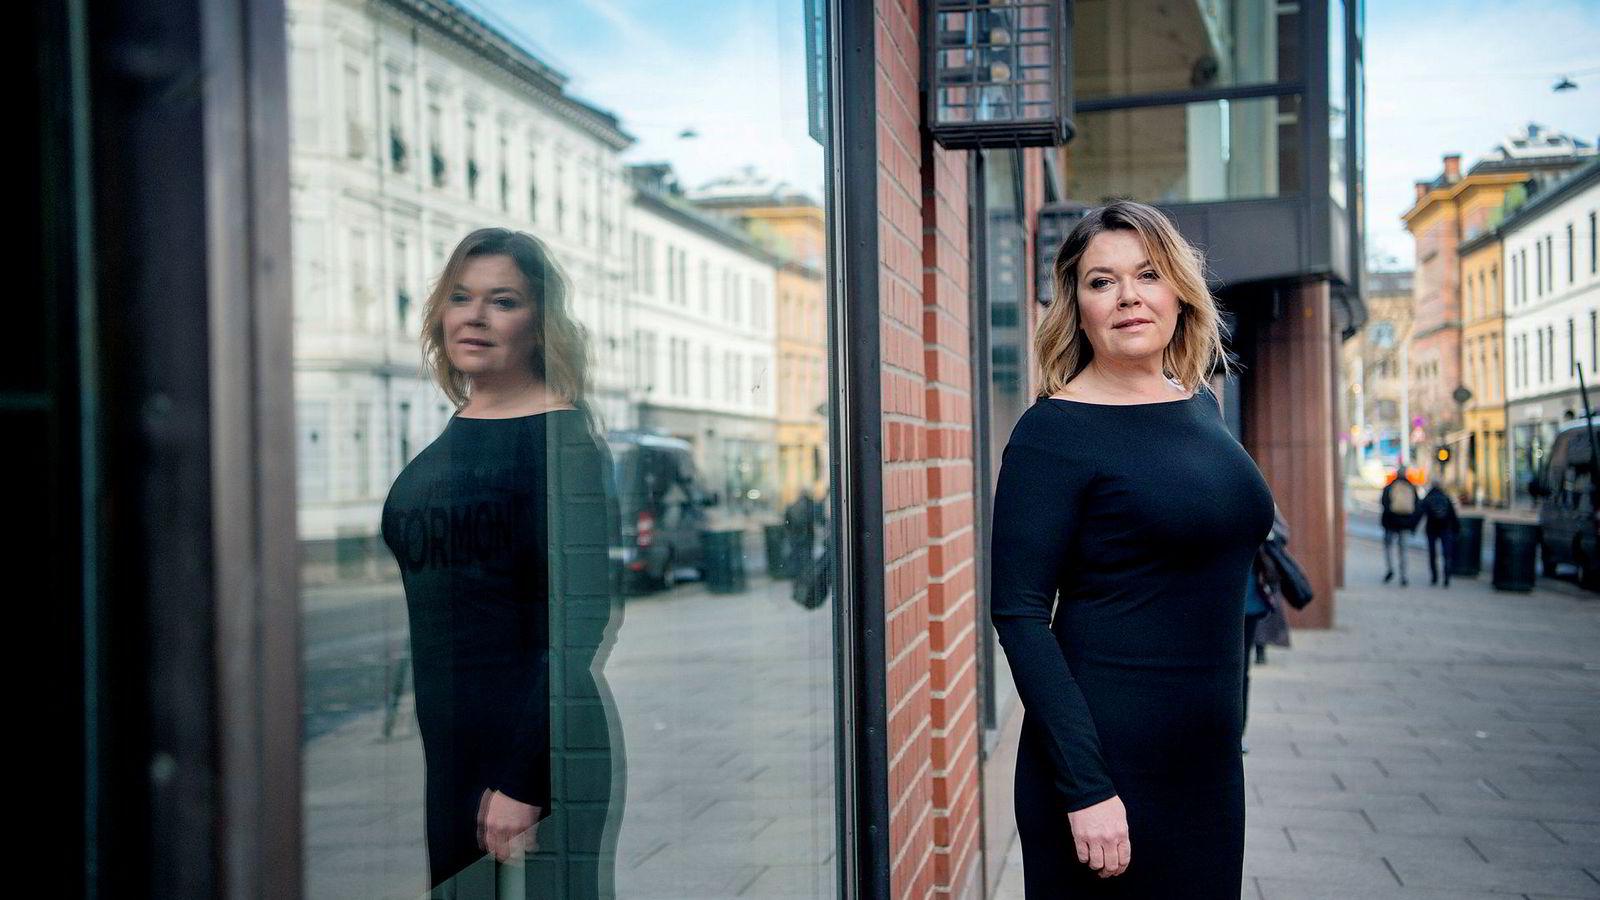 – Det som har skjedd gjør det ikke noe enklere å tiltrekke seg kvinner, men det gjør det heller ikke enklere å tiltrekke seg menn, sier Trine Larsen, hodejeger og partner i konsulentselskapet Hammer & Hanborg.